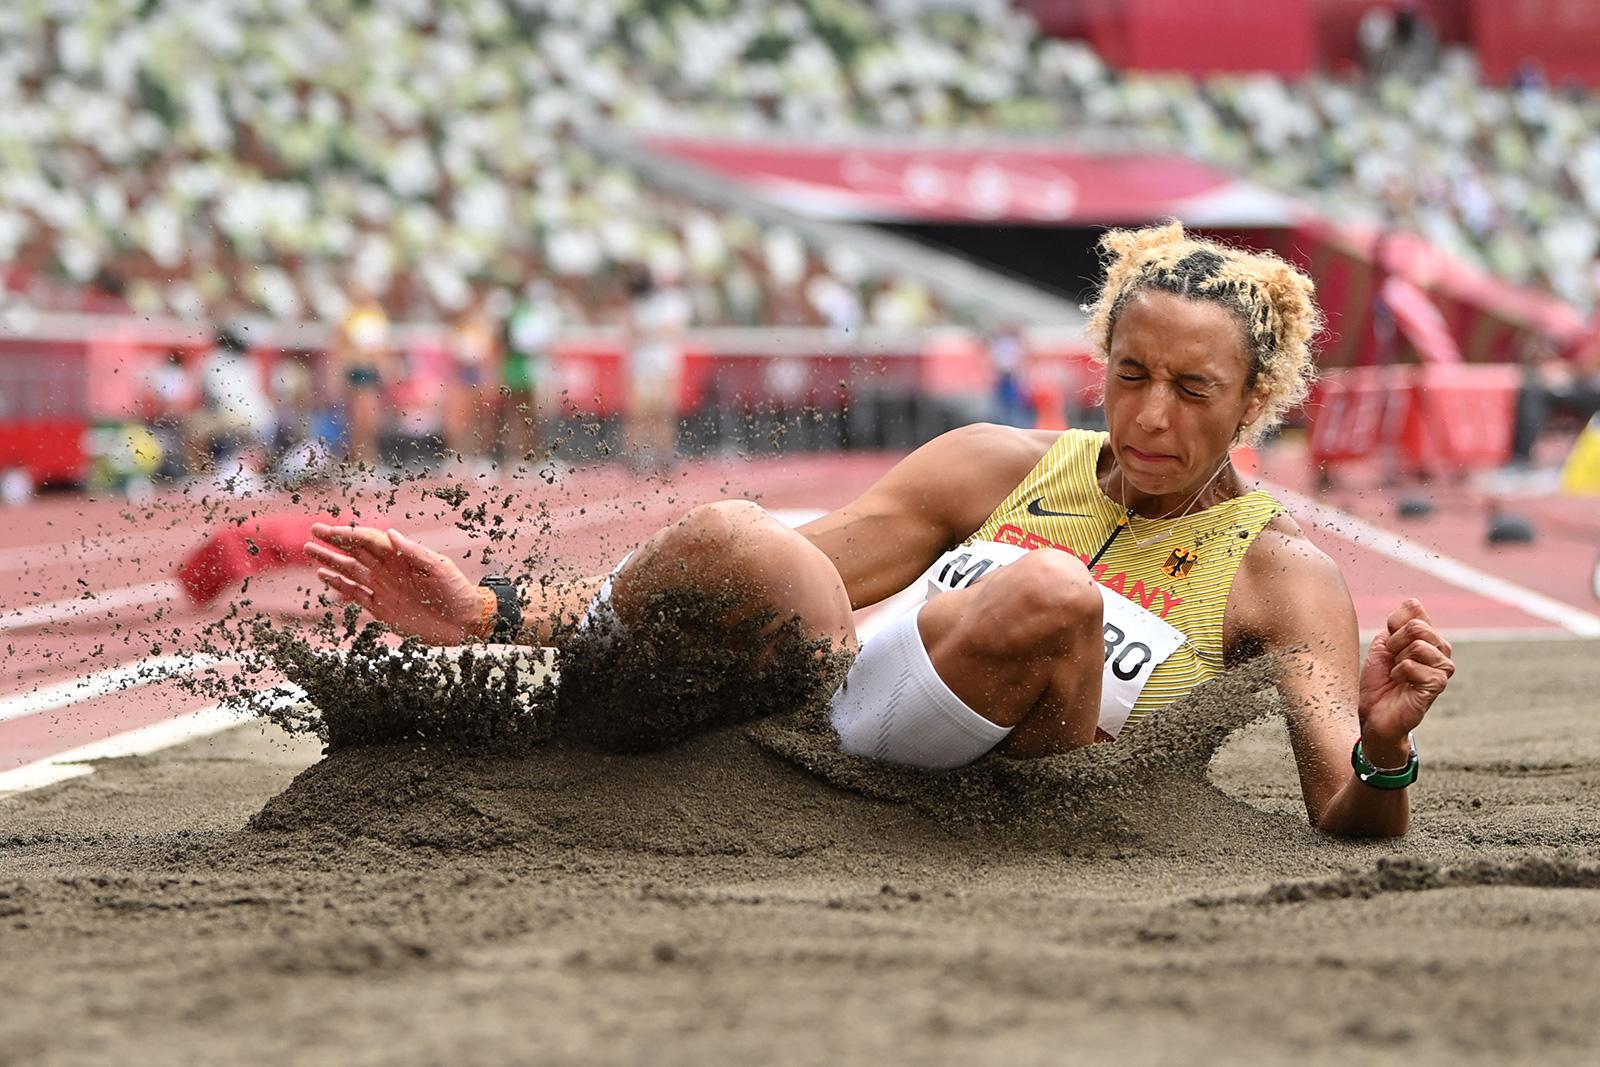 Olympics women pain Olympics: Japan's